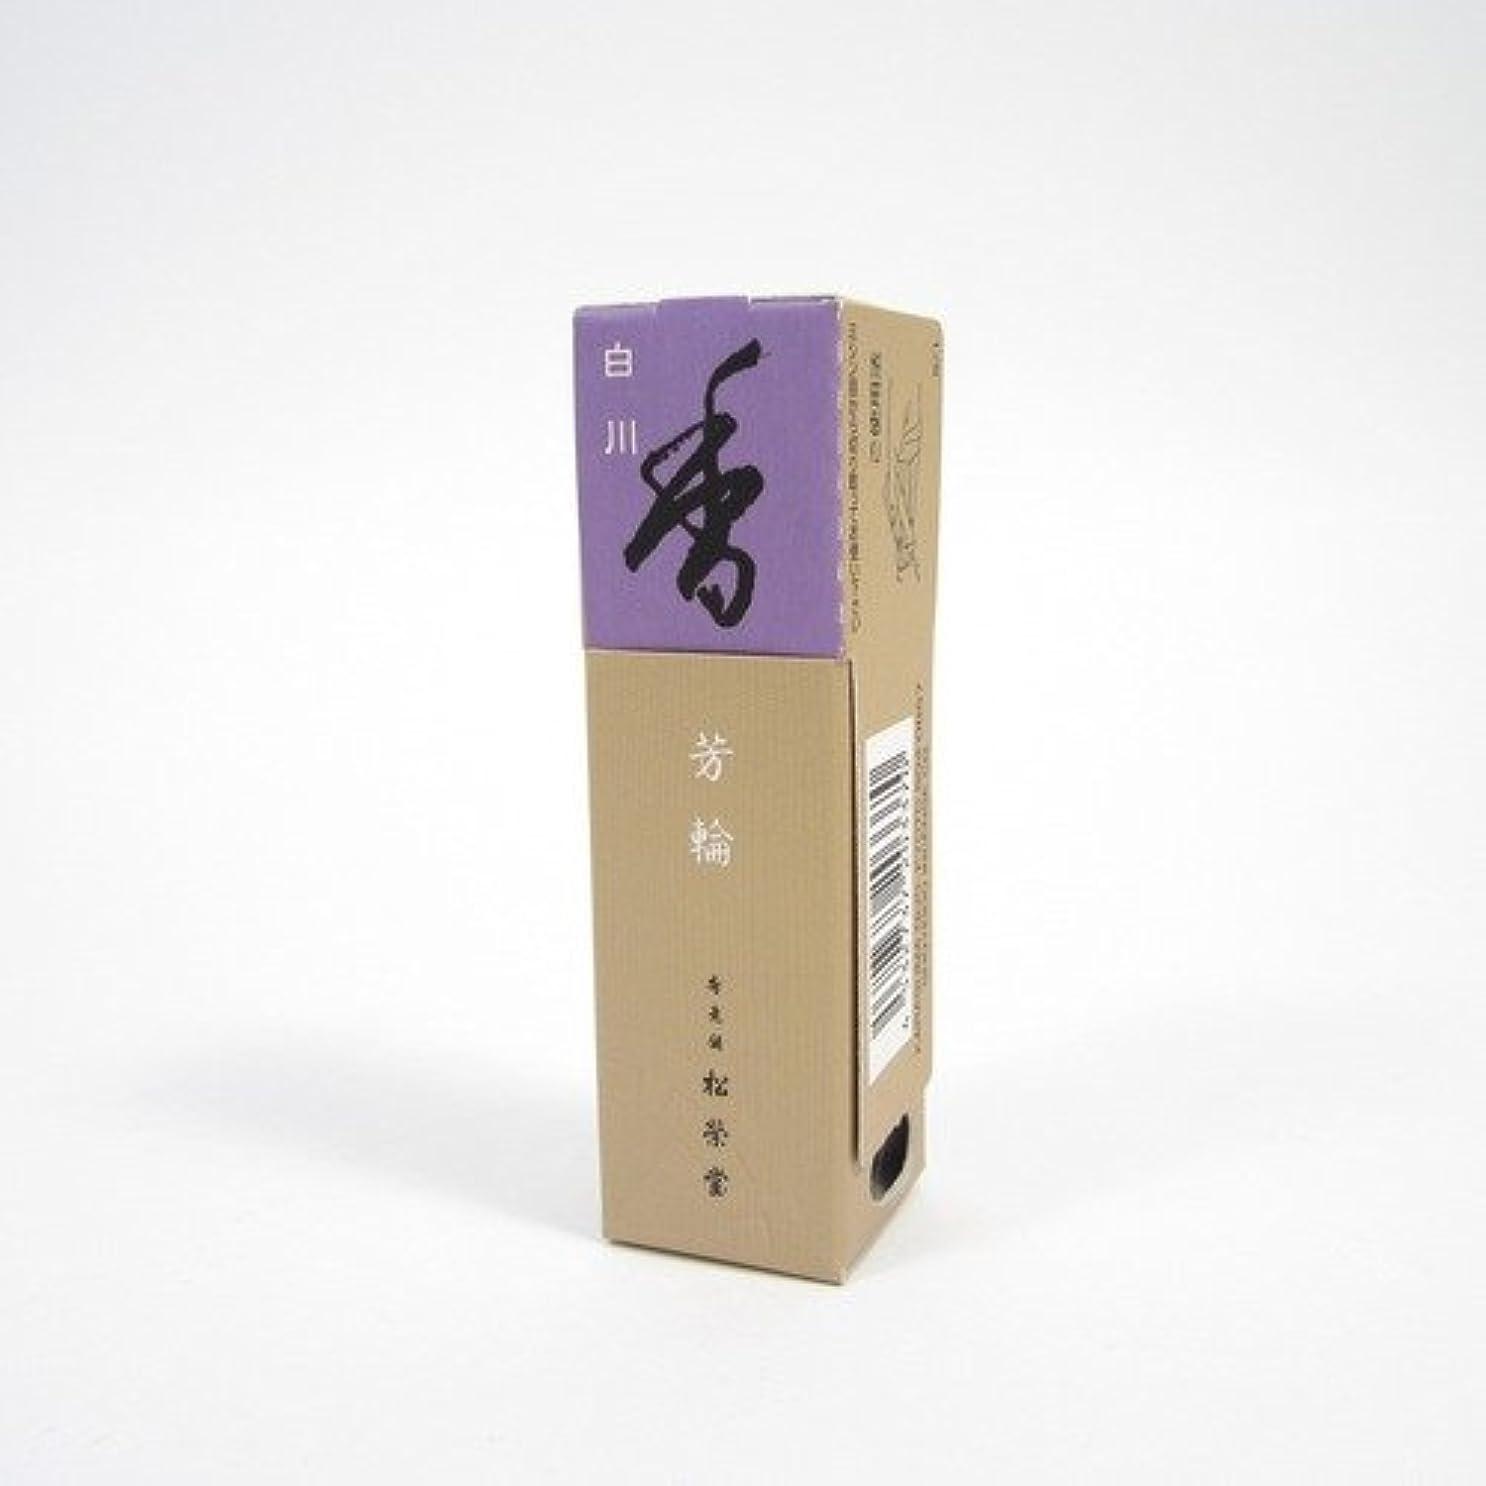 男らしさスペード試み松栄堂のお香 芳輪白川 ST20本入 簡易香立付 #210623